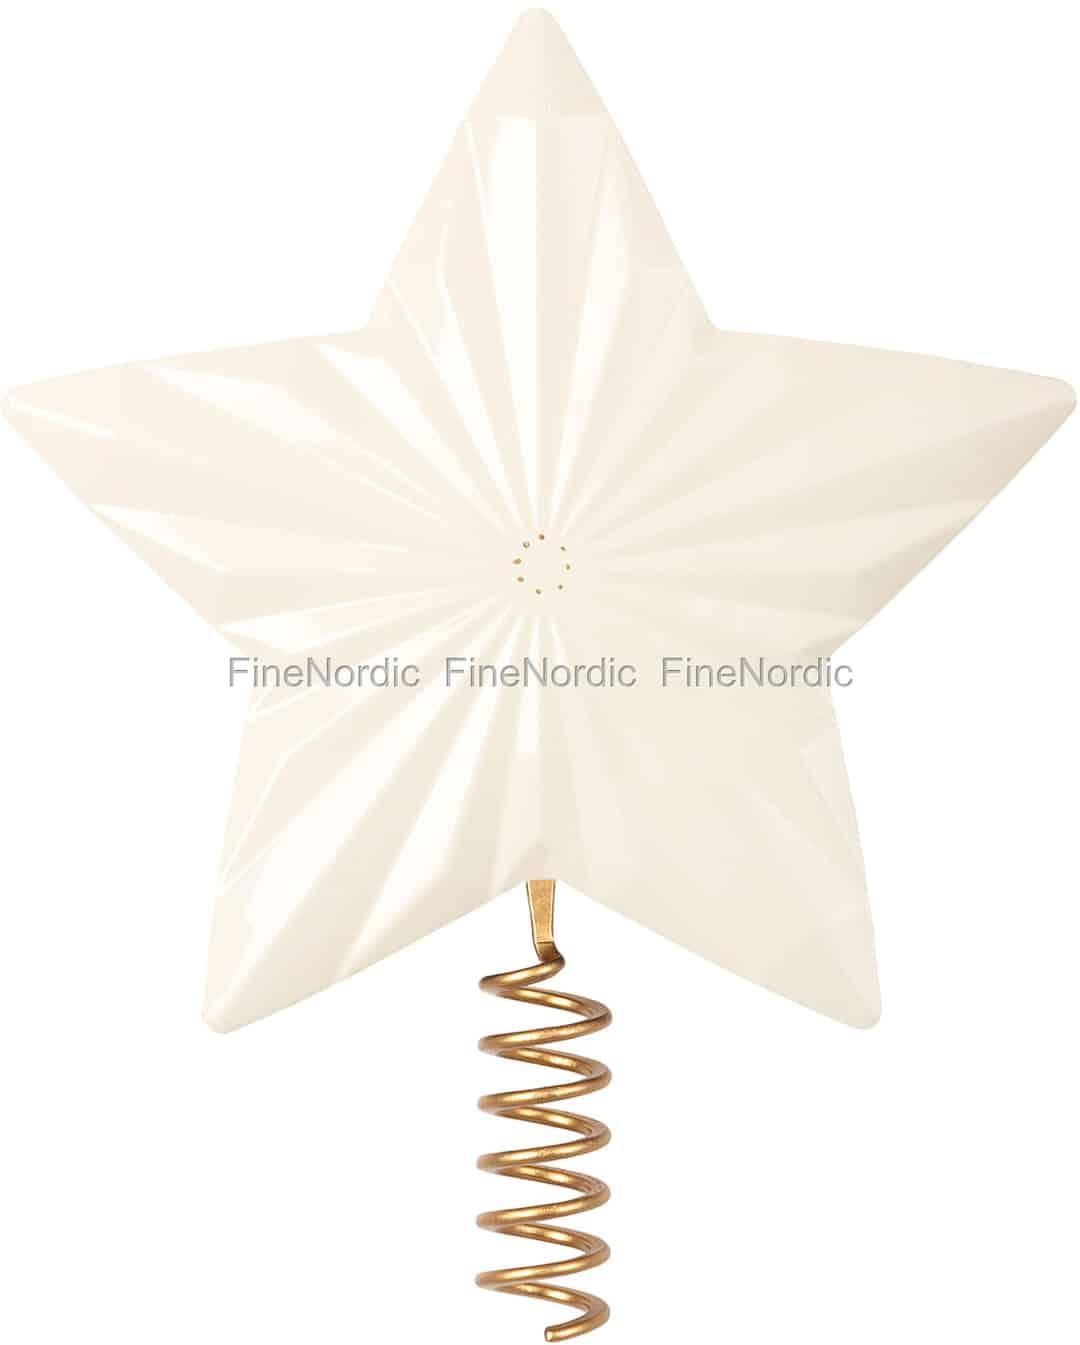 Stern Auf Weihnachtsbaum.Maileg Stern Für Weihnachtsbaum Metall Off White